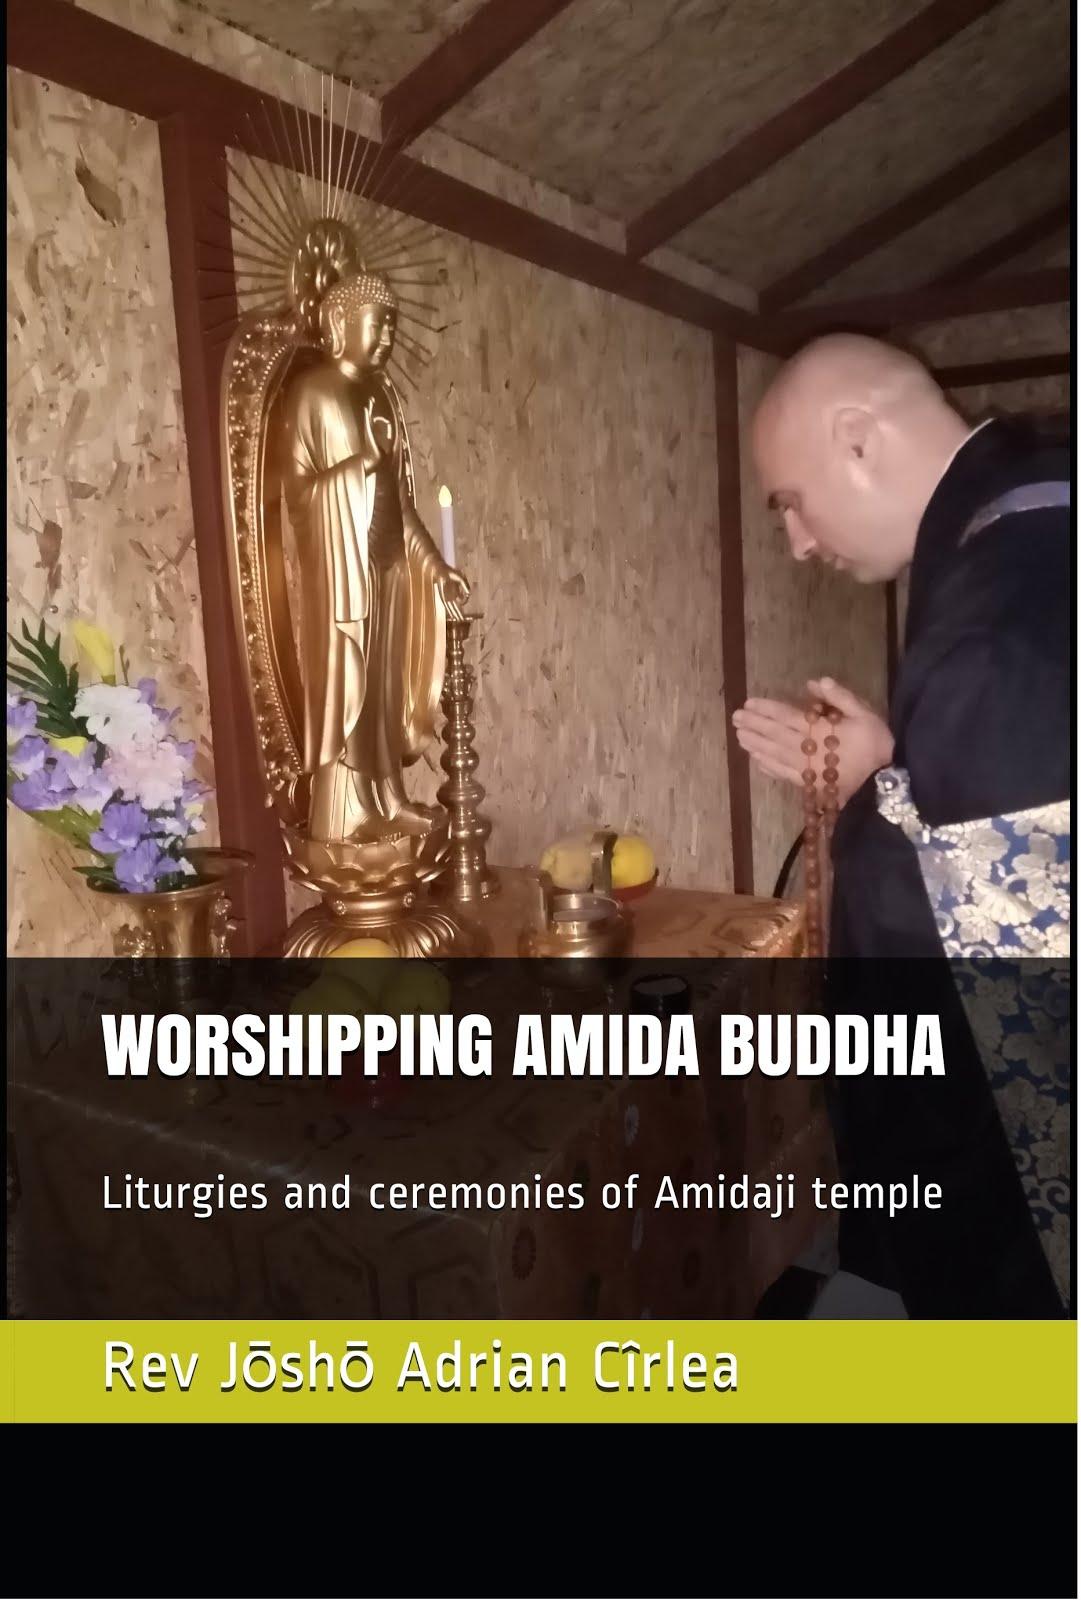 Worshipping Amida Buddha